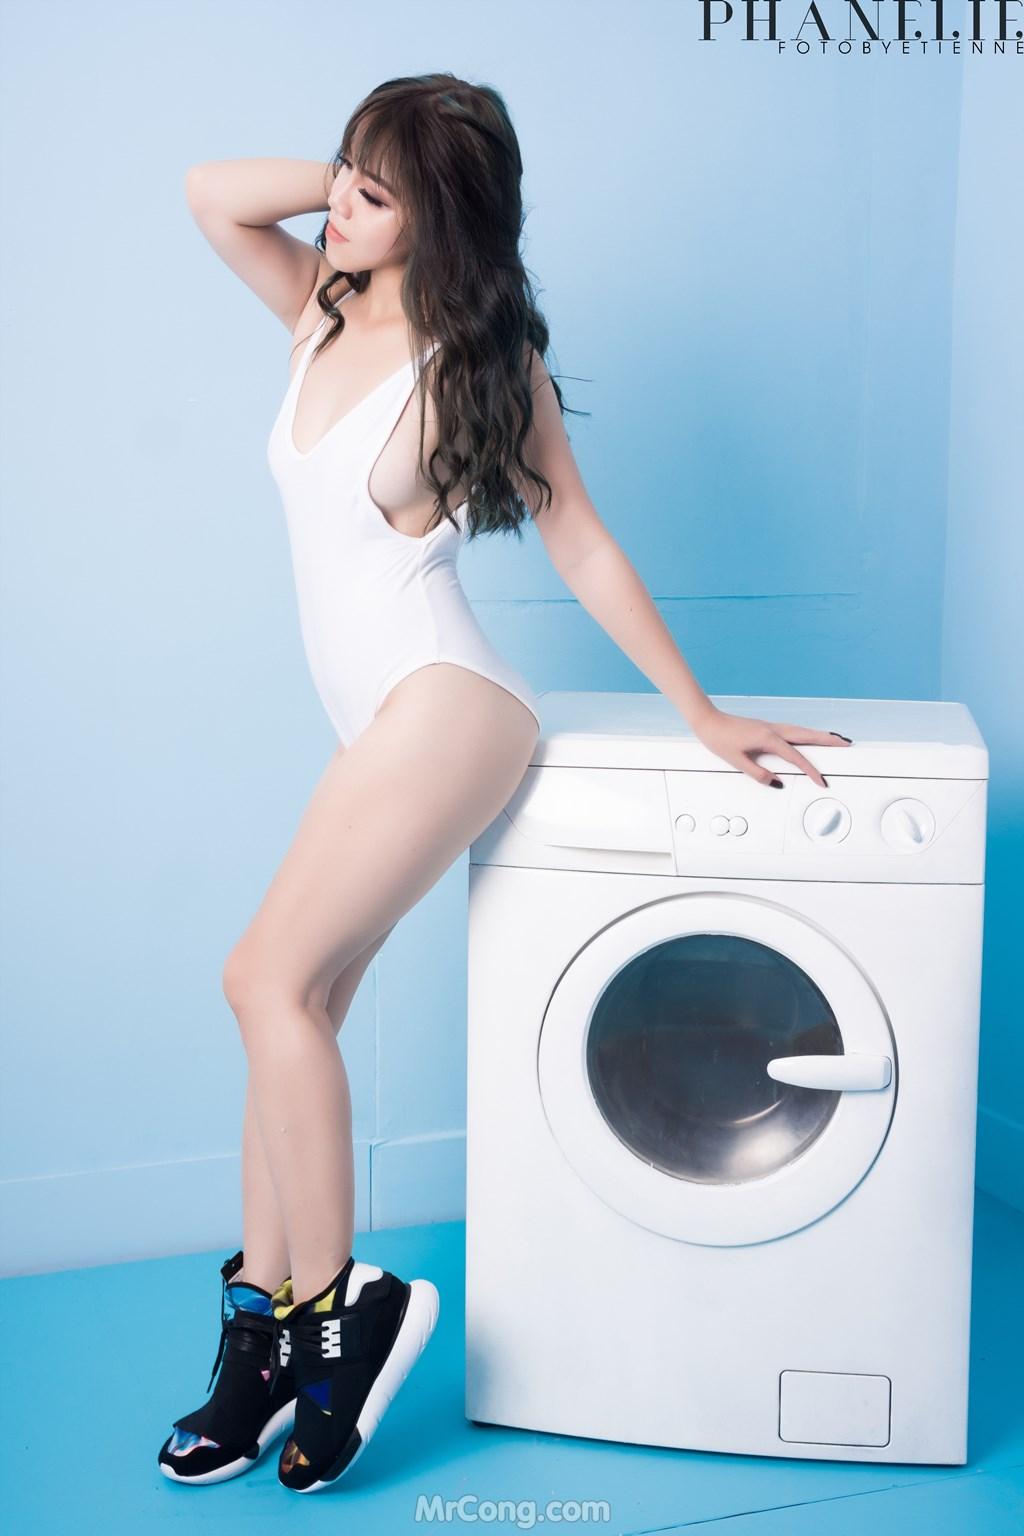 Image Sexy-Vietnamese-Models-by-Le-Blanc-Studio-Phan-2-MrCong.com-018 in post Những bức ảnh nội y, bikini siêu nóng bỏng của Le Blanc Studio – Phần 2 (458 ảnh)